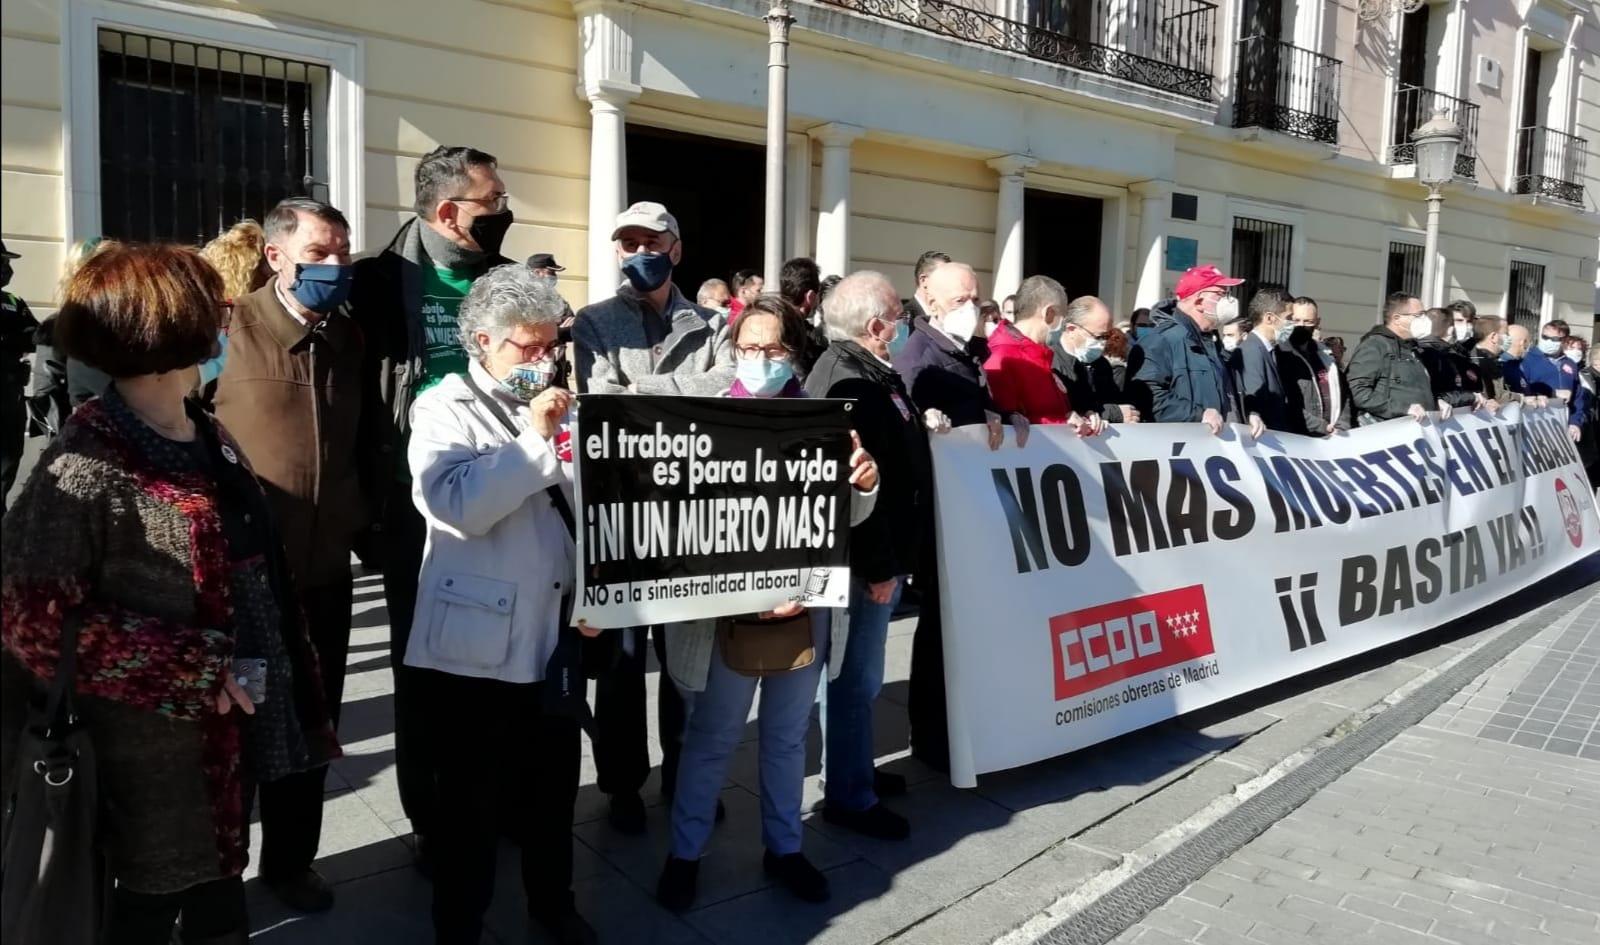 Alcalá | Concentración ante otro accidente laboral